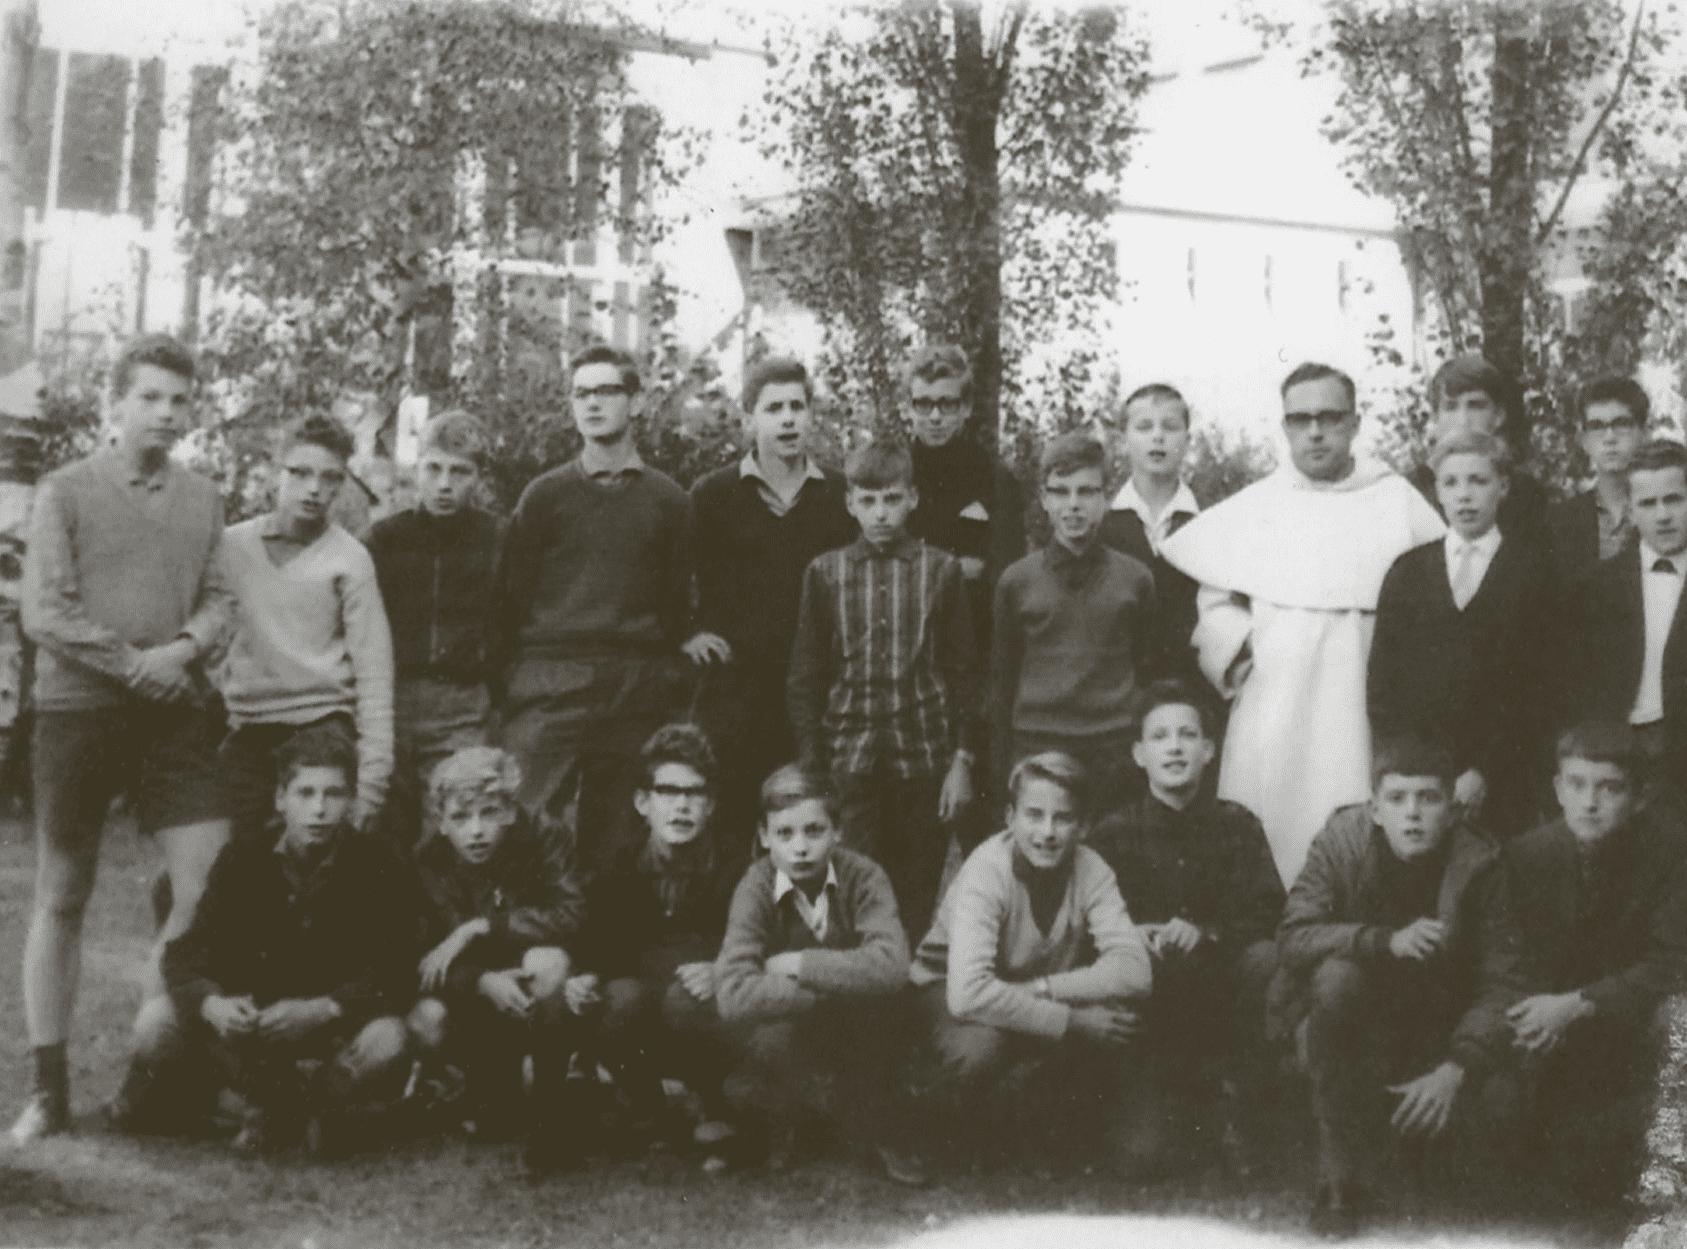 Dominicuscollege archief gymnasium klas 2 1964-1965 Kellendonk